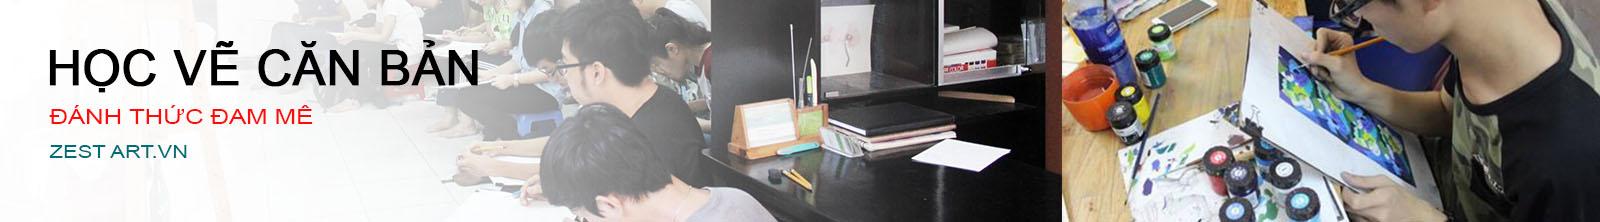 học vẽ cơ bản, lớp vẽ cơ bản, luyện thi khối v h, dạy vẽ cơ bản, tranh phong cảnh, ký họa kiến trúc, phác thảo thiết kế, dạy vẽ tay, học vẽ ở đâu tphcm